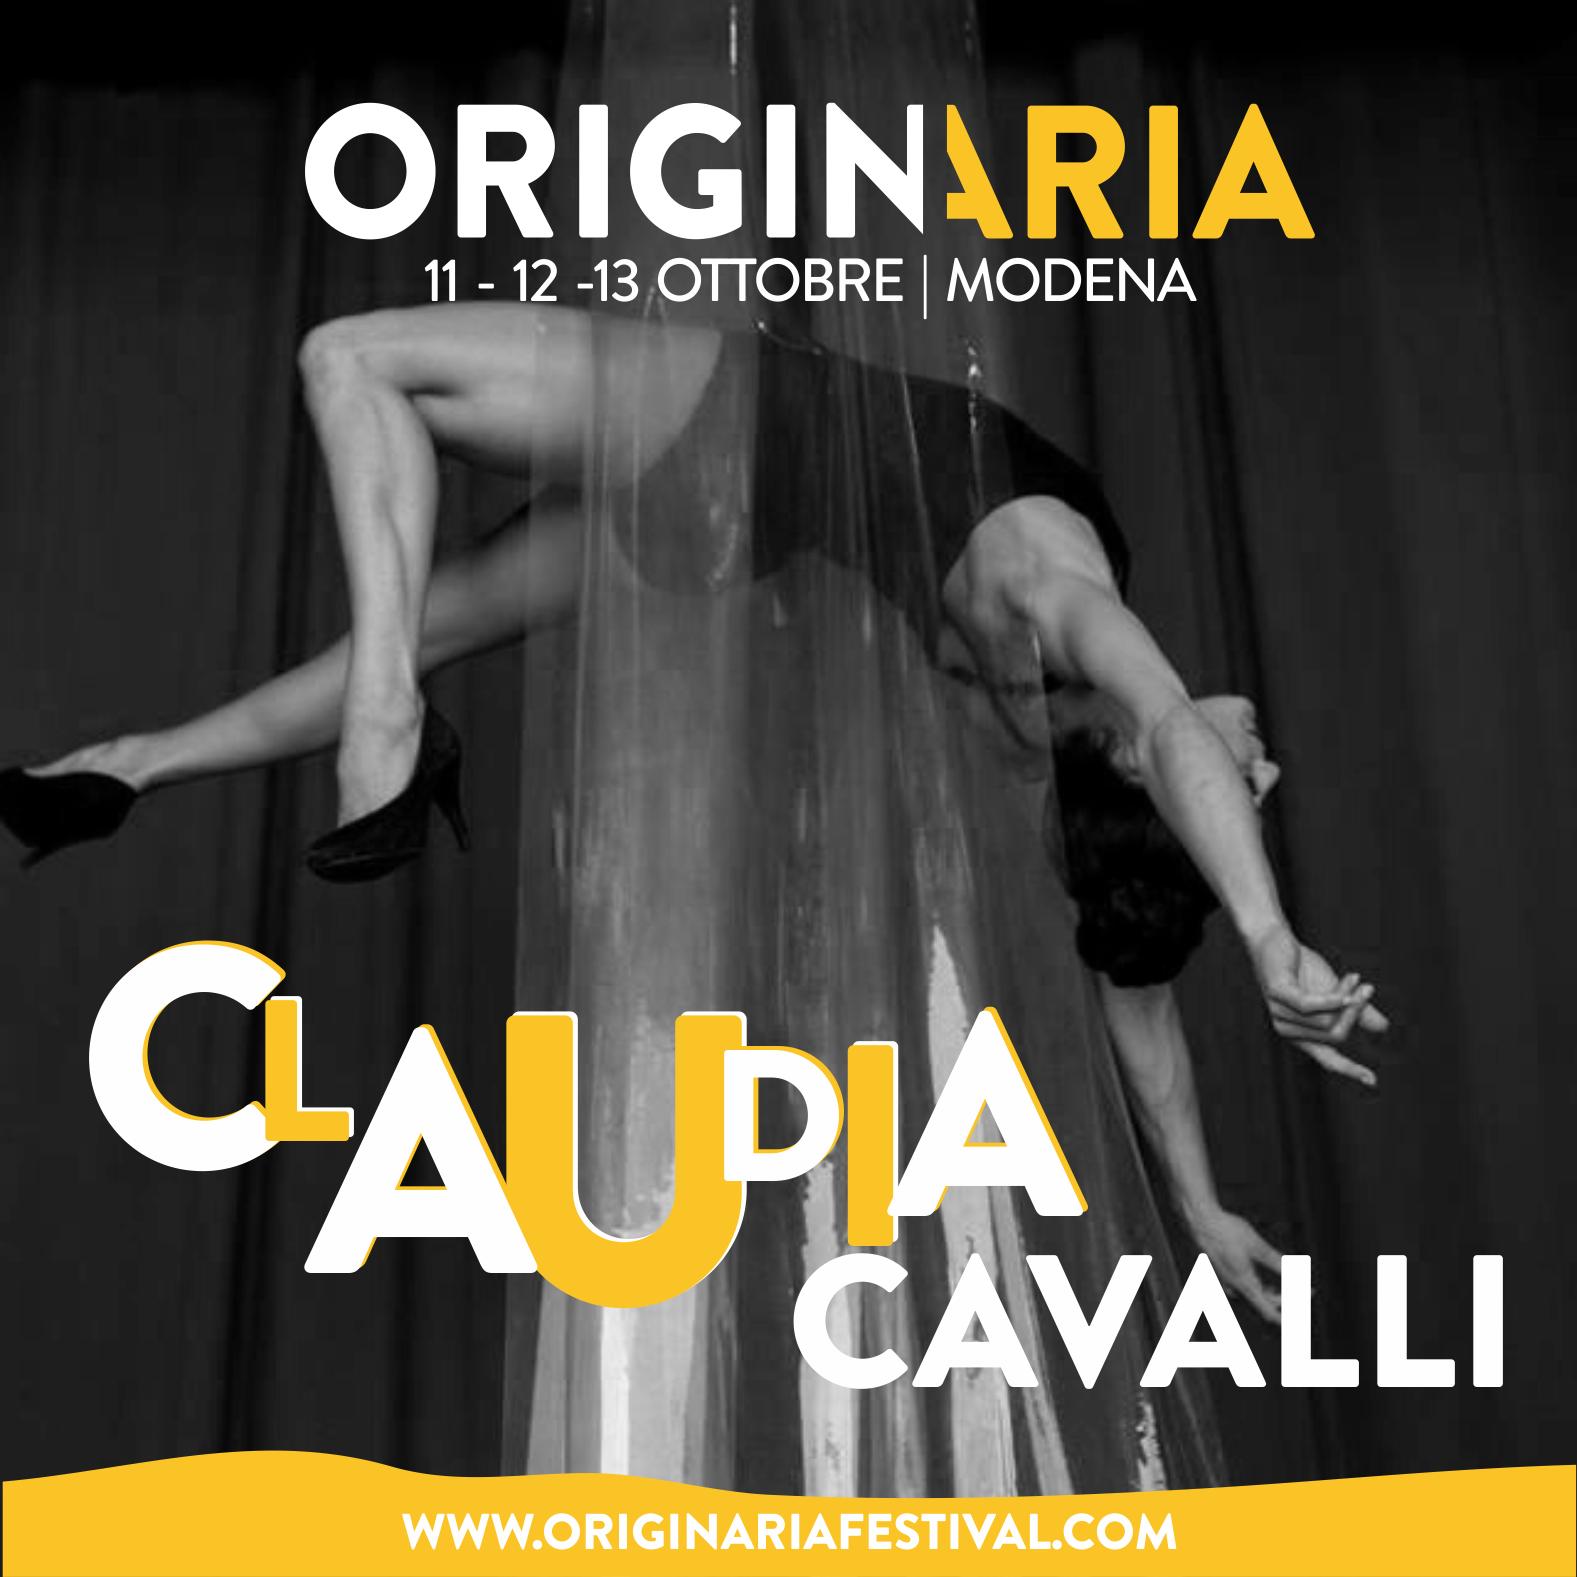 Claudia Cavalli OriginAria Festival